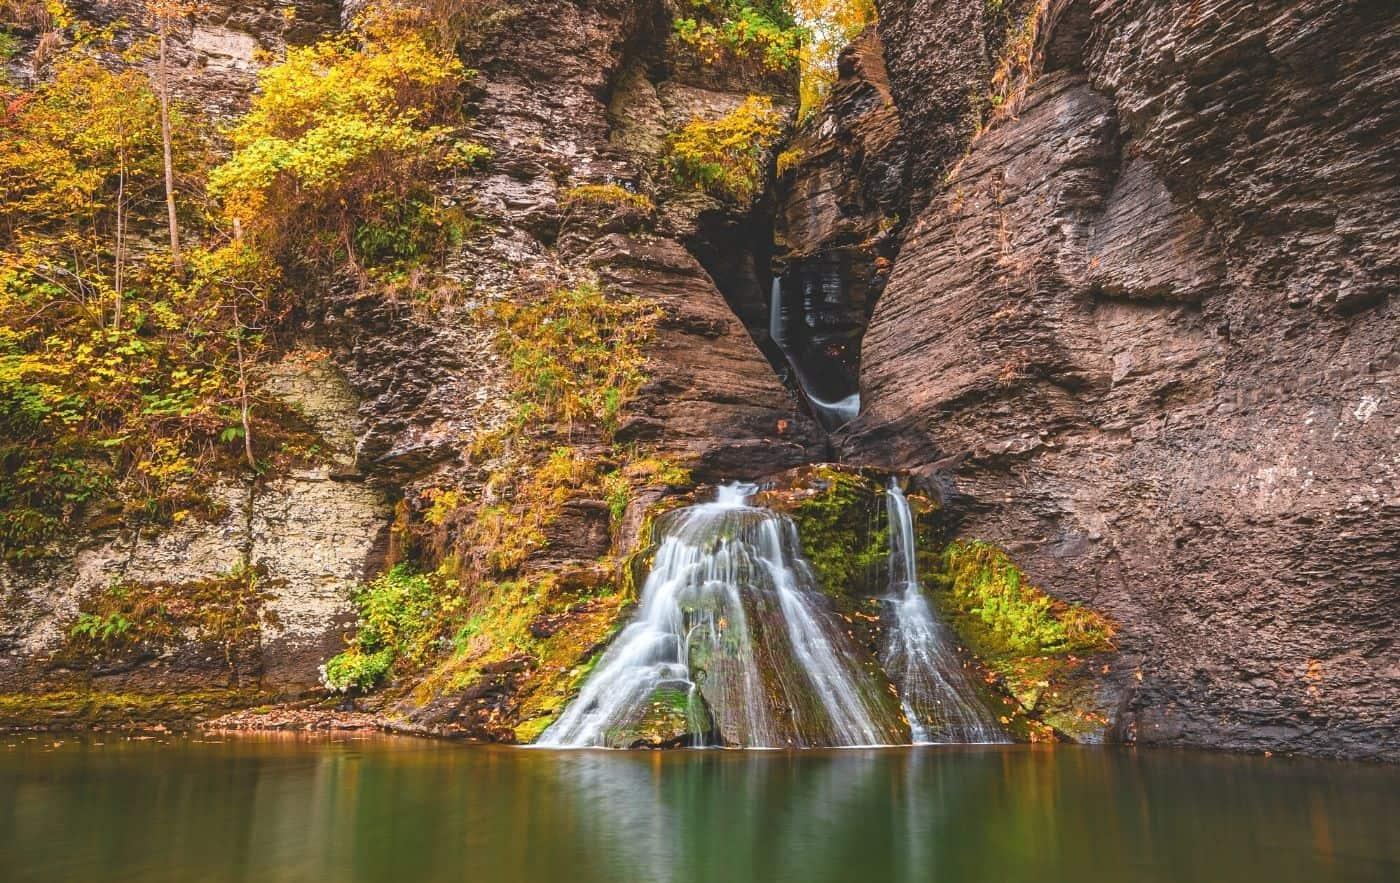 Mine Kill Falls, Best Waterfalls in New York in the Catskills.